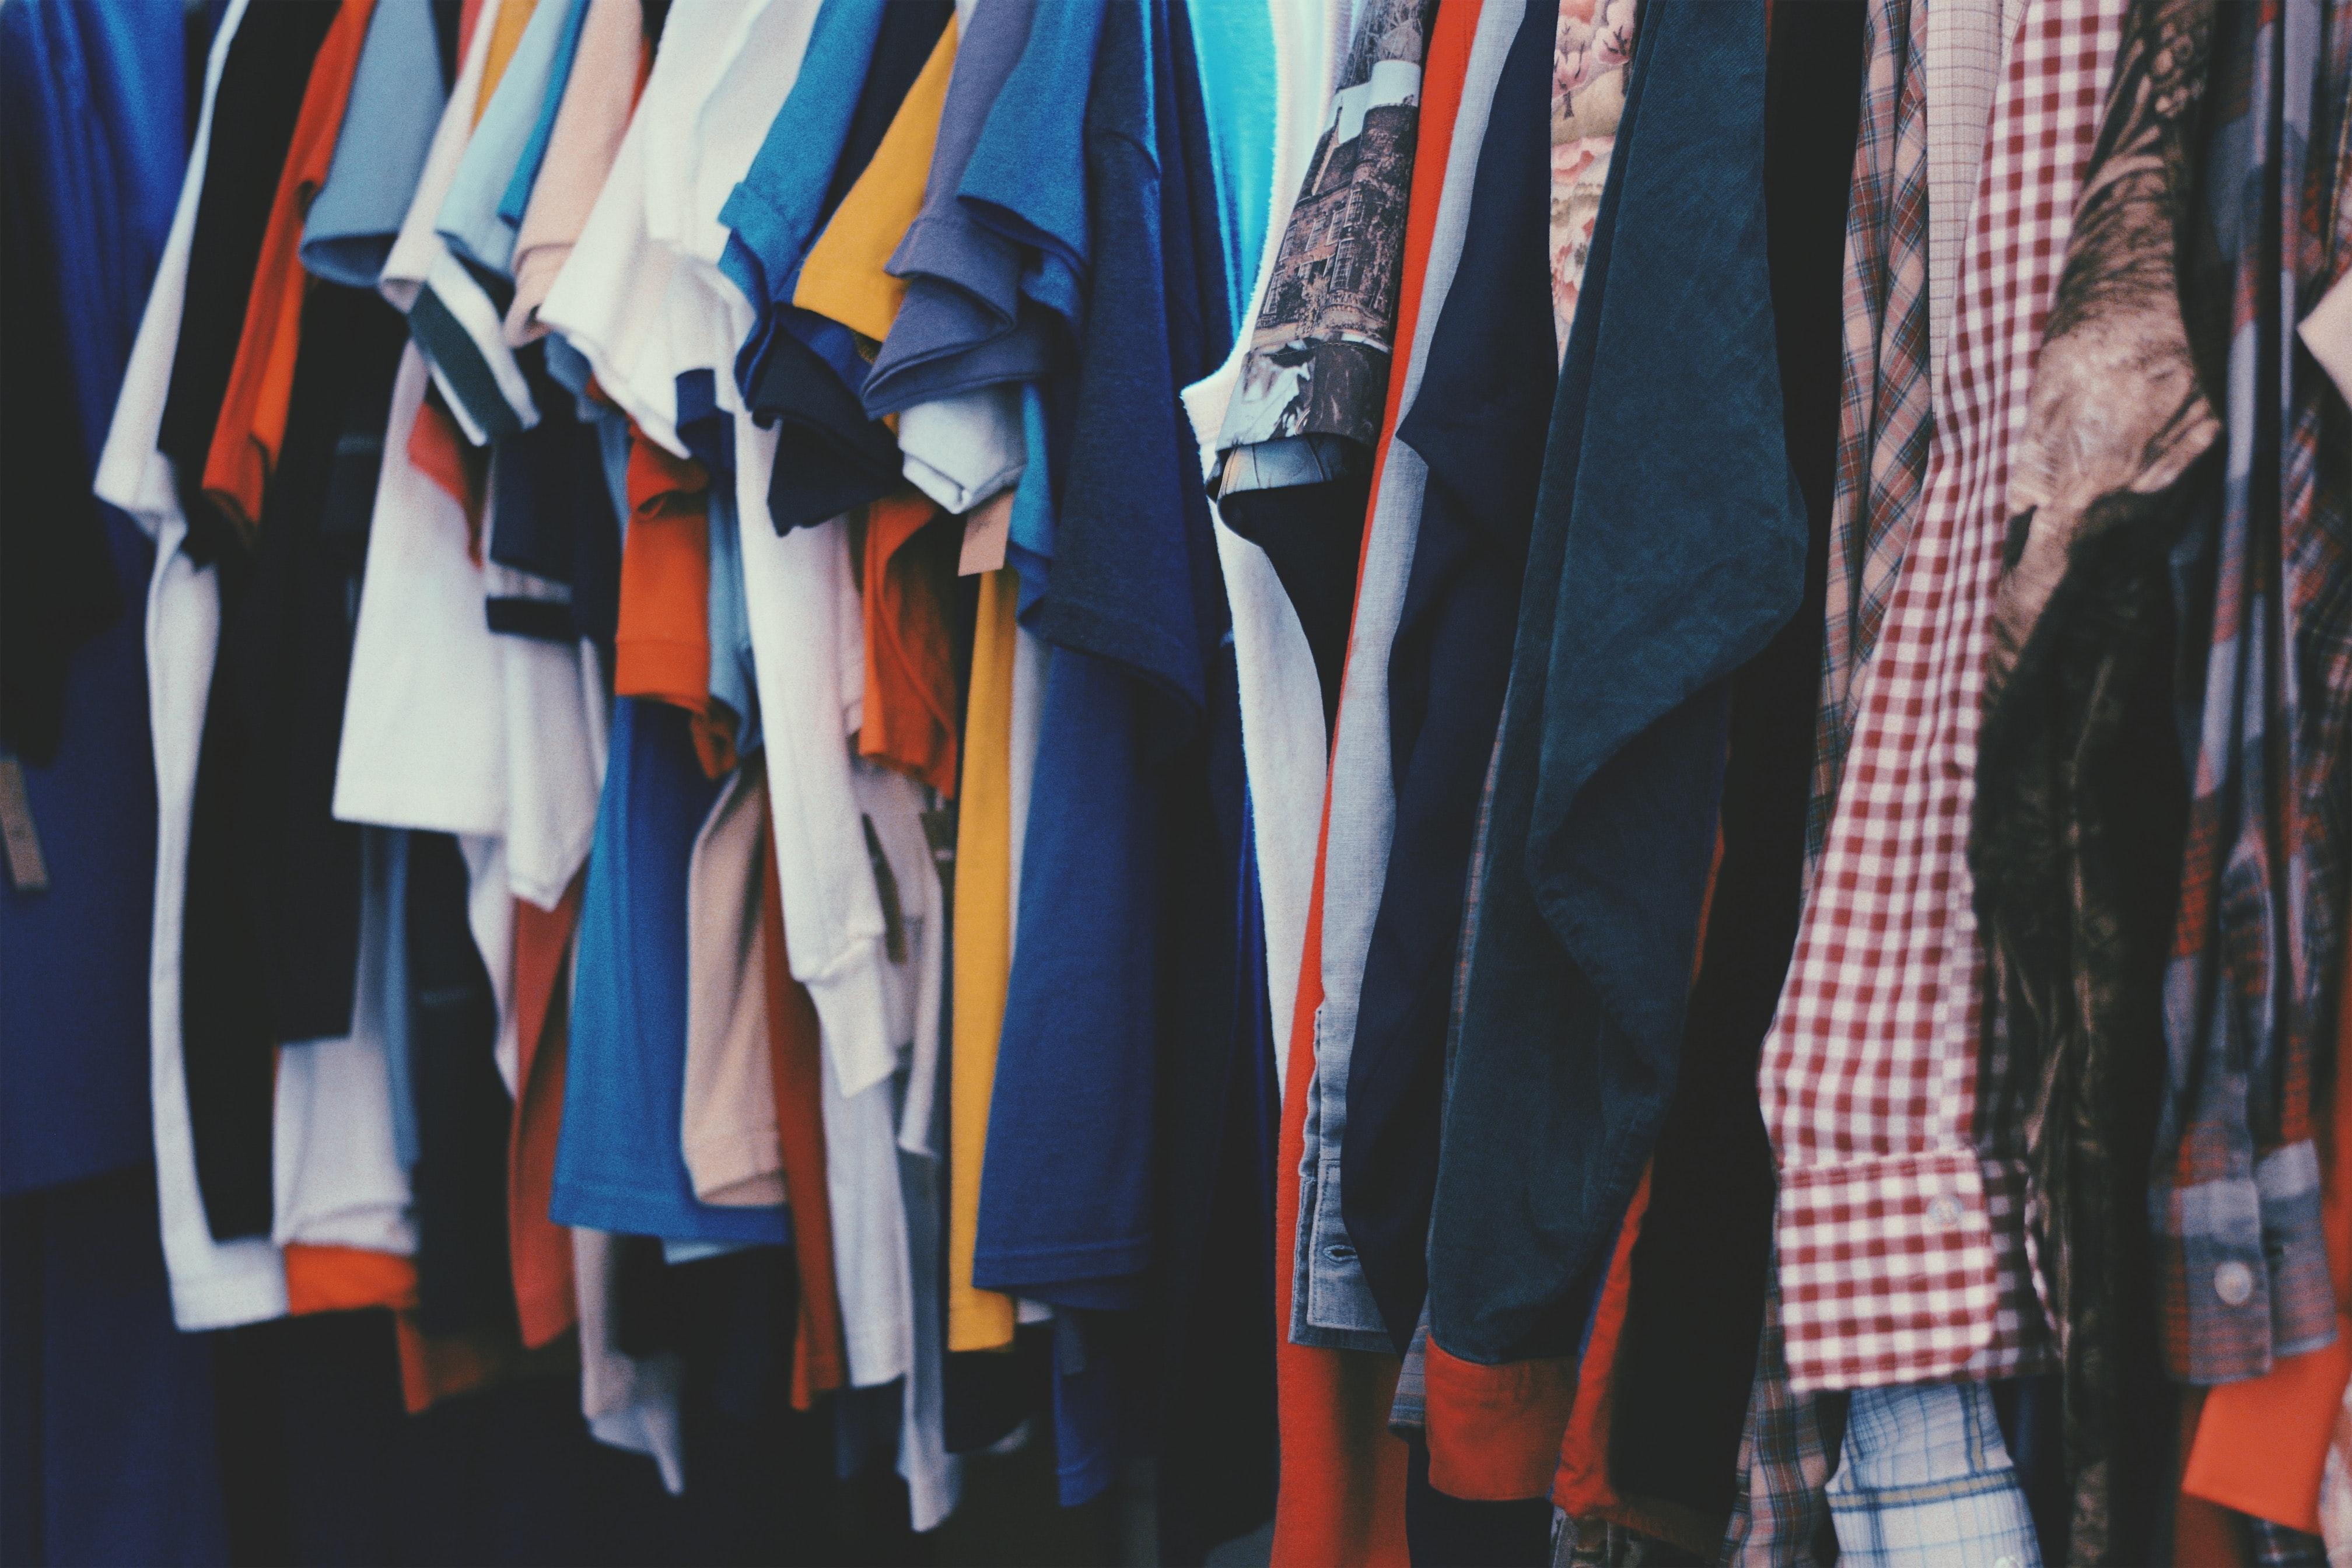 5 conseils utiles pour recycler ses vêtements 1